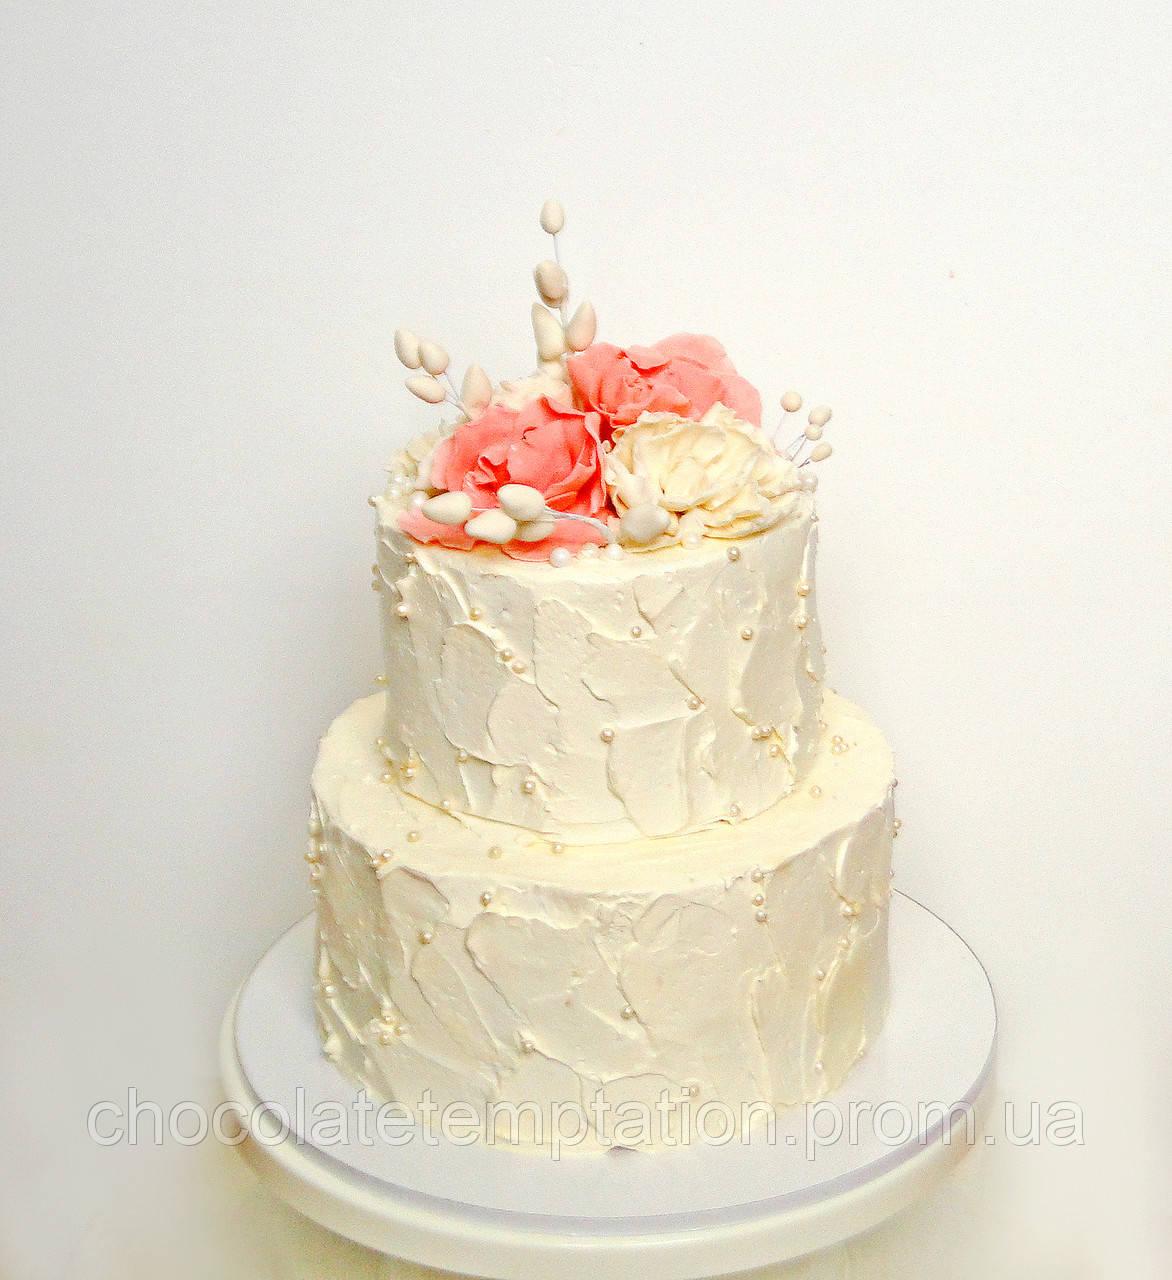 Свадебные торты (с мастикой, без мастики, муссовые, веганские)